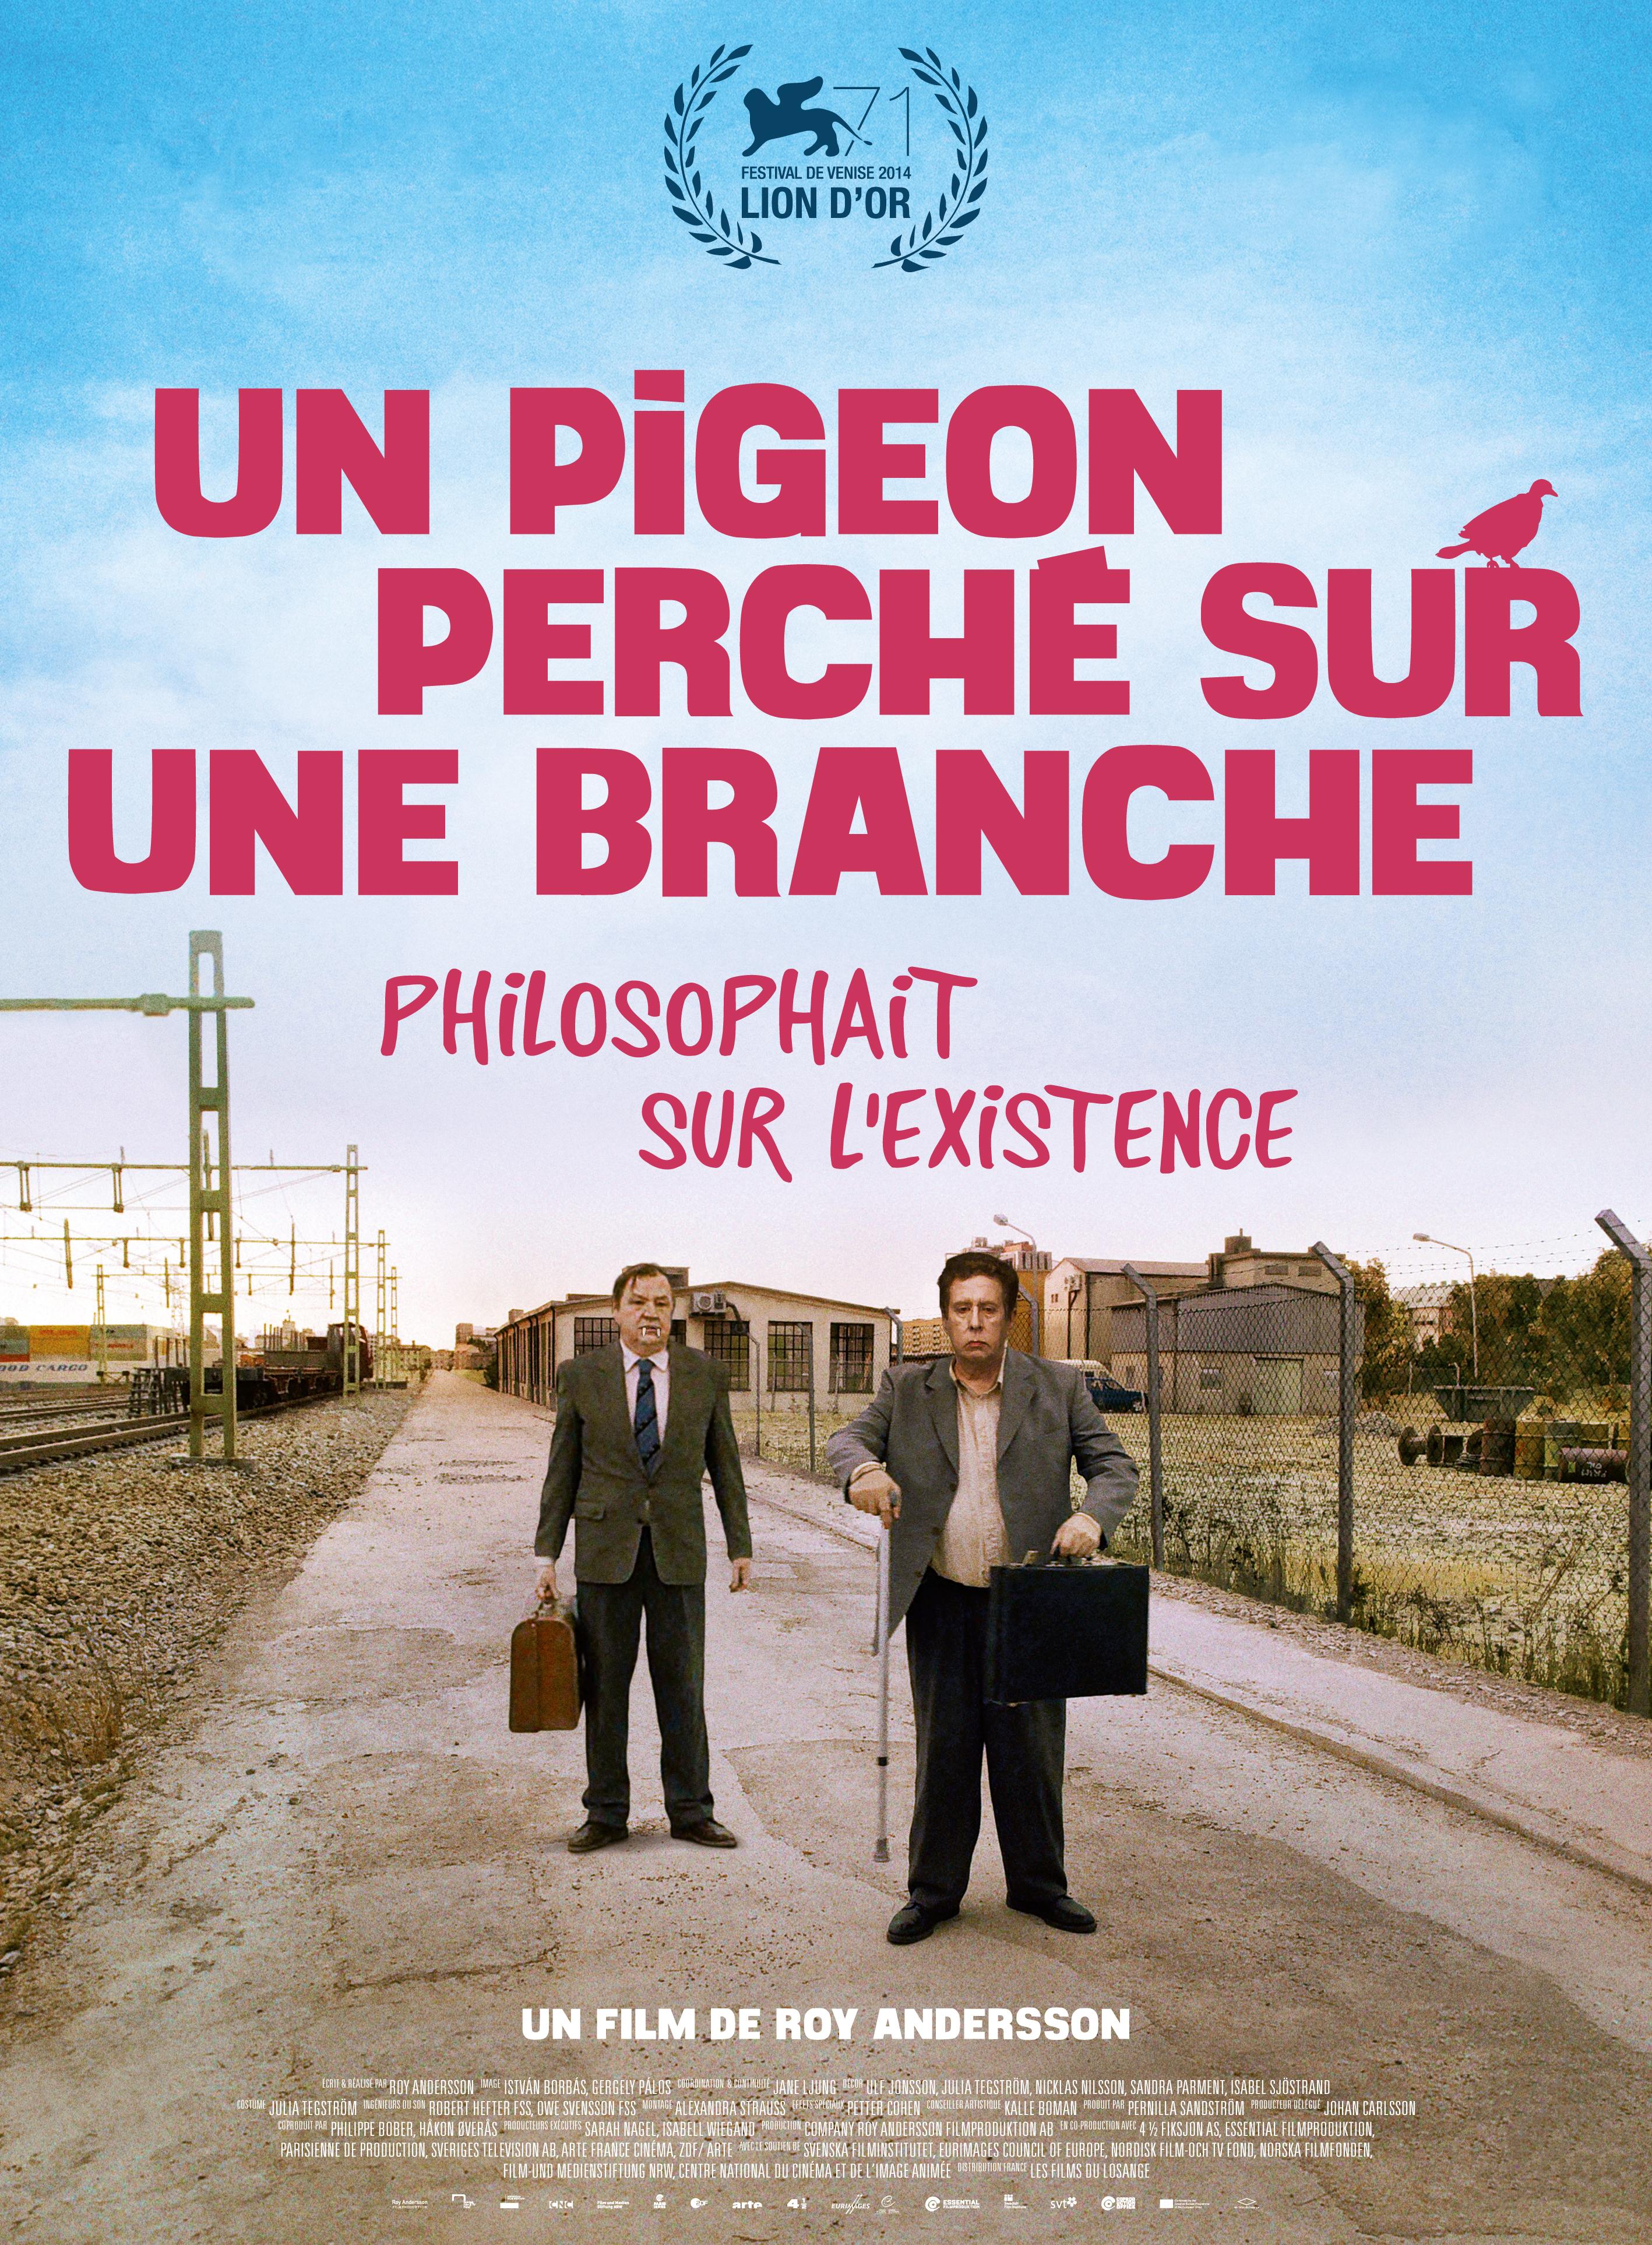 Un pigeon perché sur une branche philosophait sur l'existence | Andersson, Roy (Réalisateur)